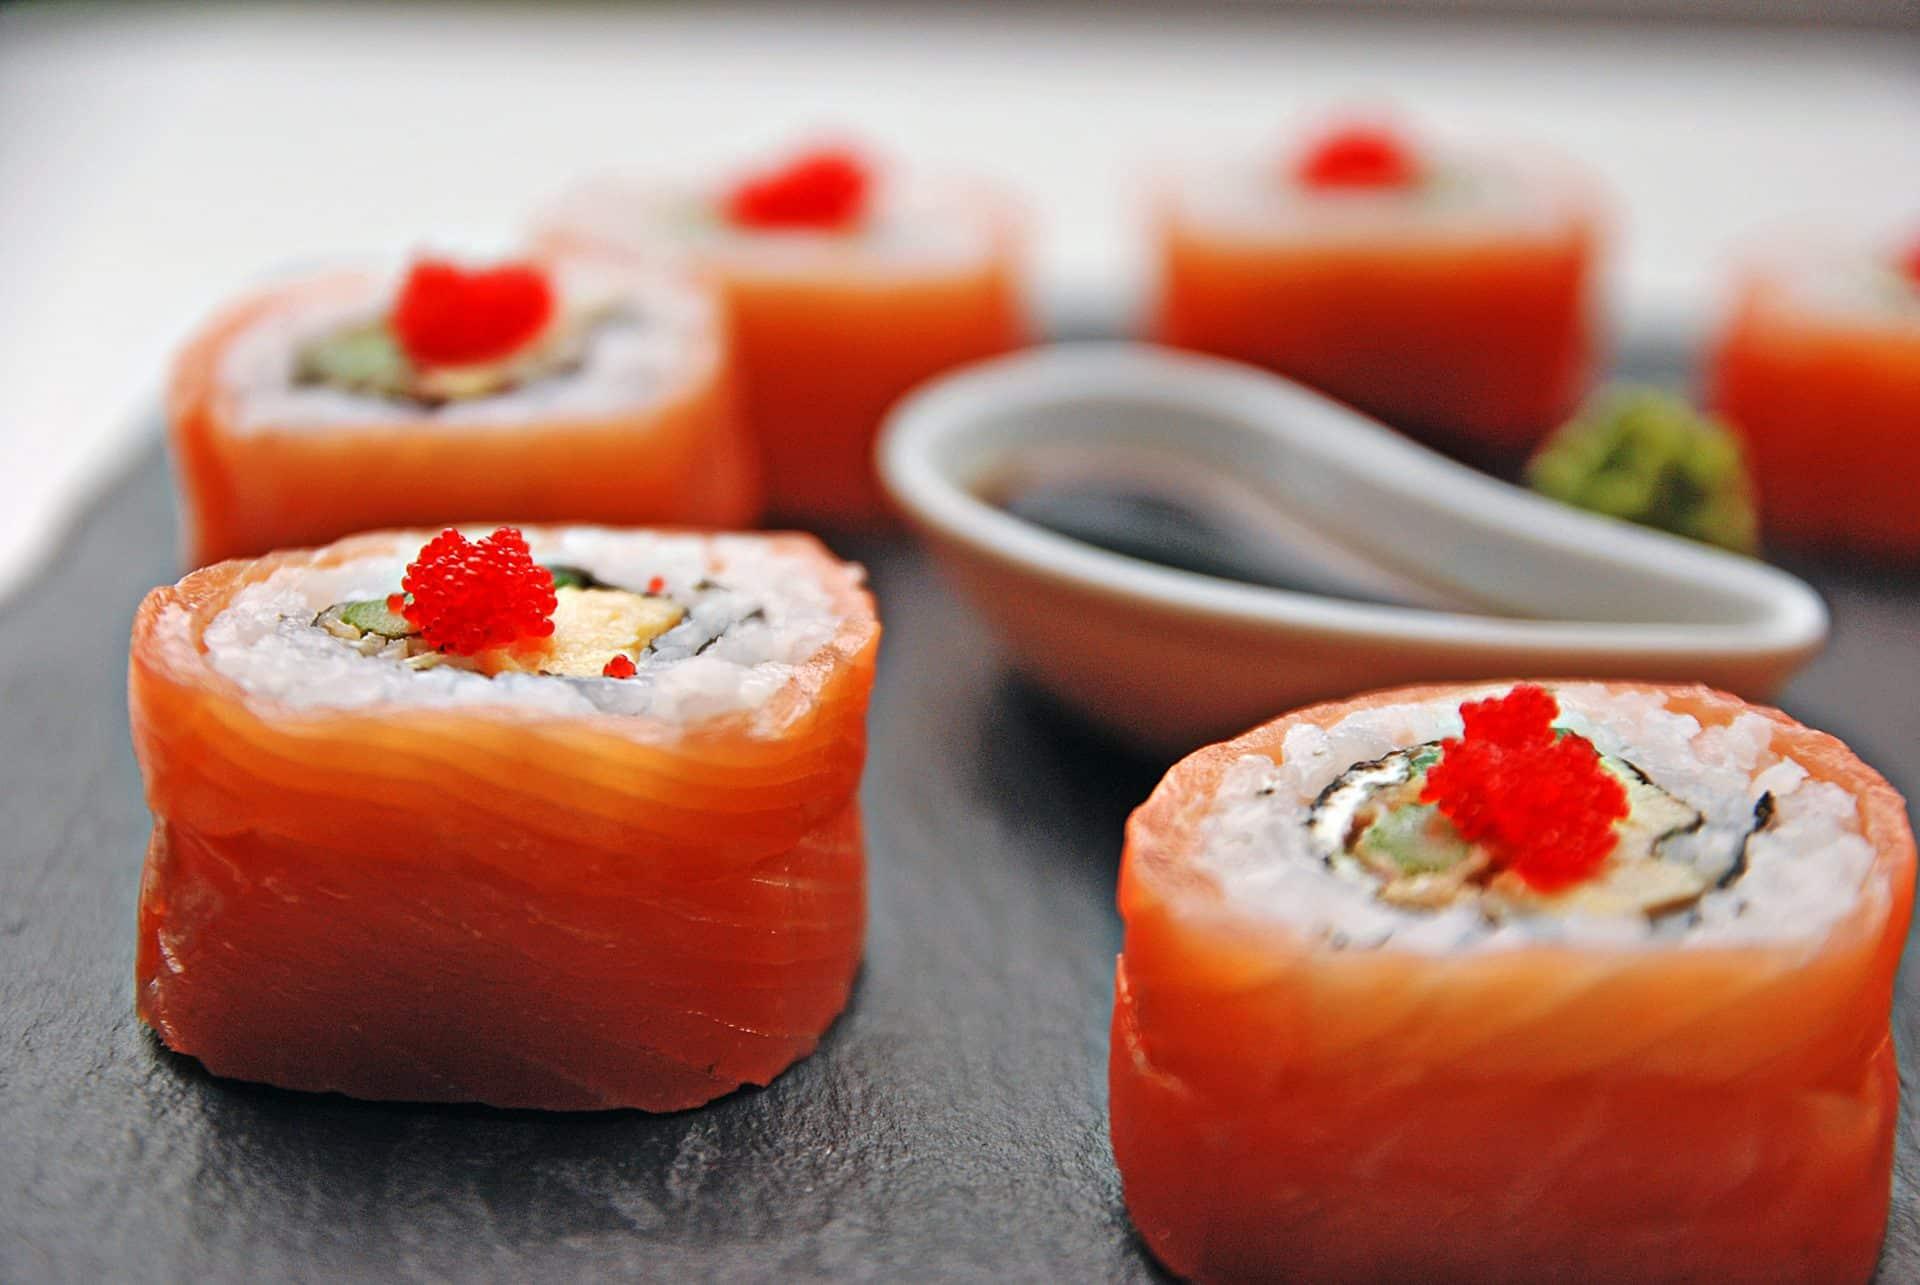 Od poniedziałku do czwartku w godzinach od 14 do 16 możesz skorzystać z 10% zniżki na sushi z dowozem w Krakowie. Sushi Podgórze Kraków.